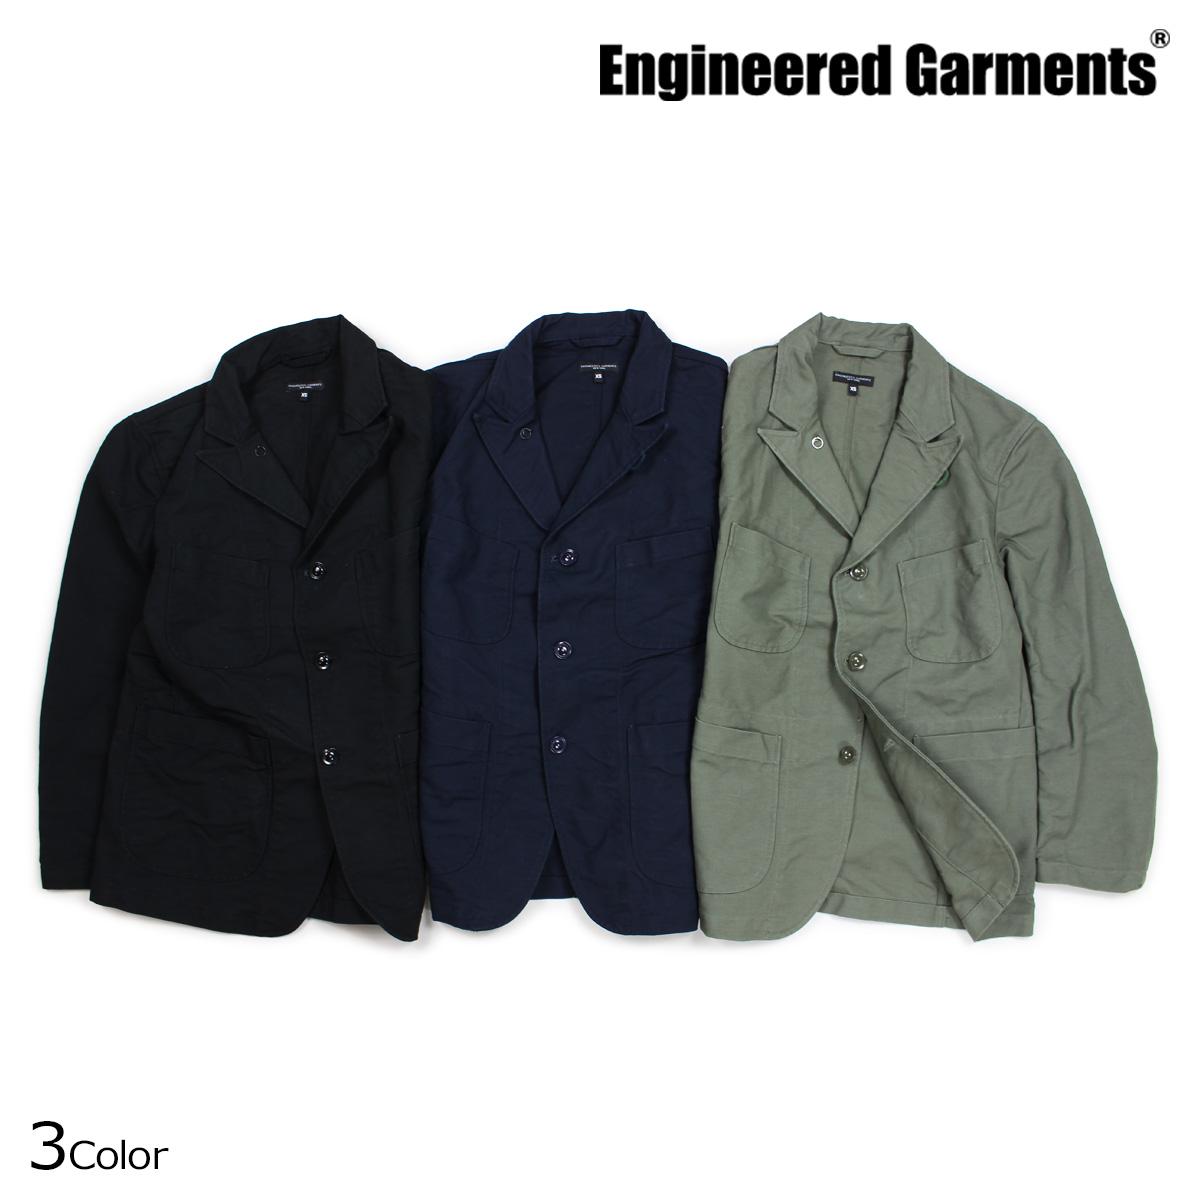 ENGINEERED GARMENTS エンジニアドガーメンツ ジャケット メンズ ベッドフォード BEDFORD JACKET ブラック ダークネイビー オリーブ [10/4 新入荷]